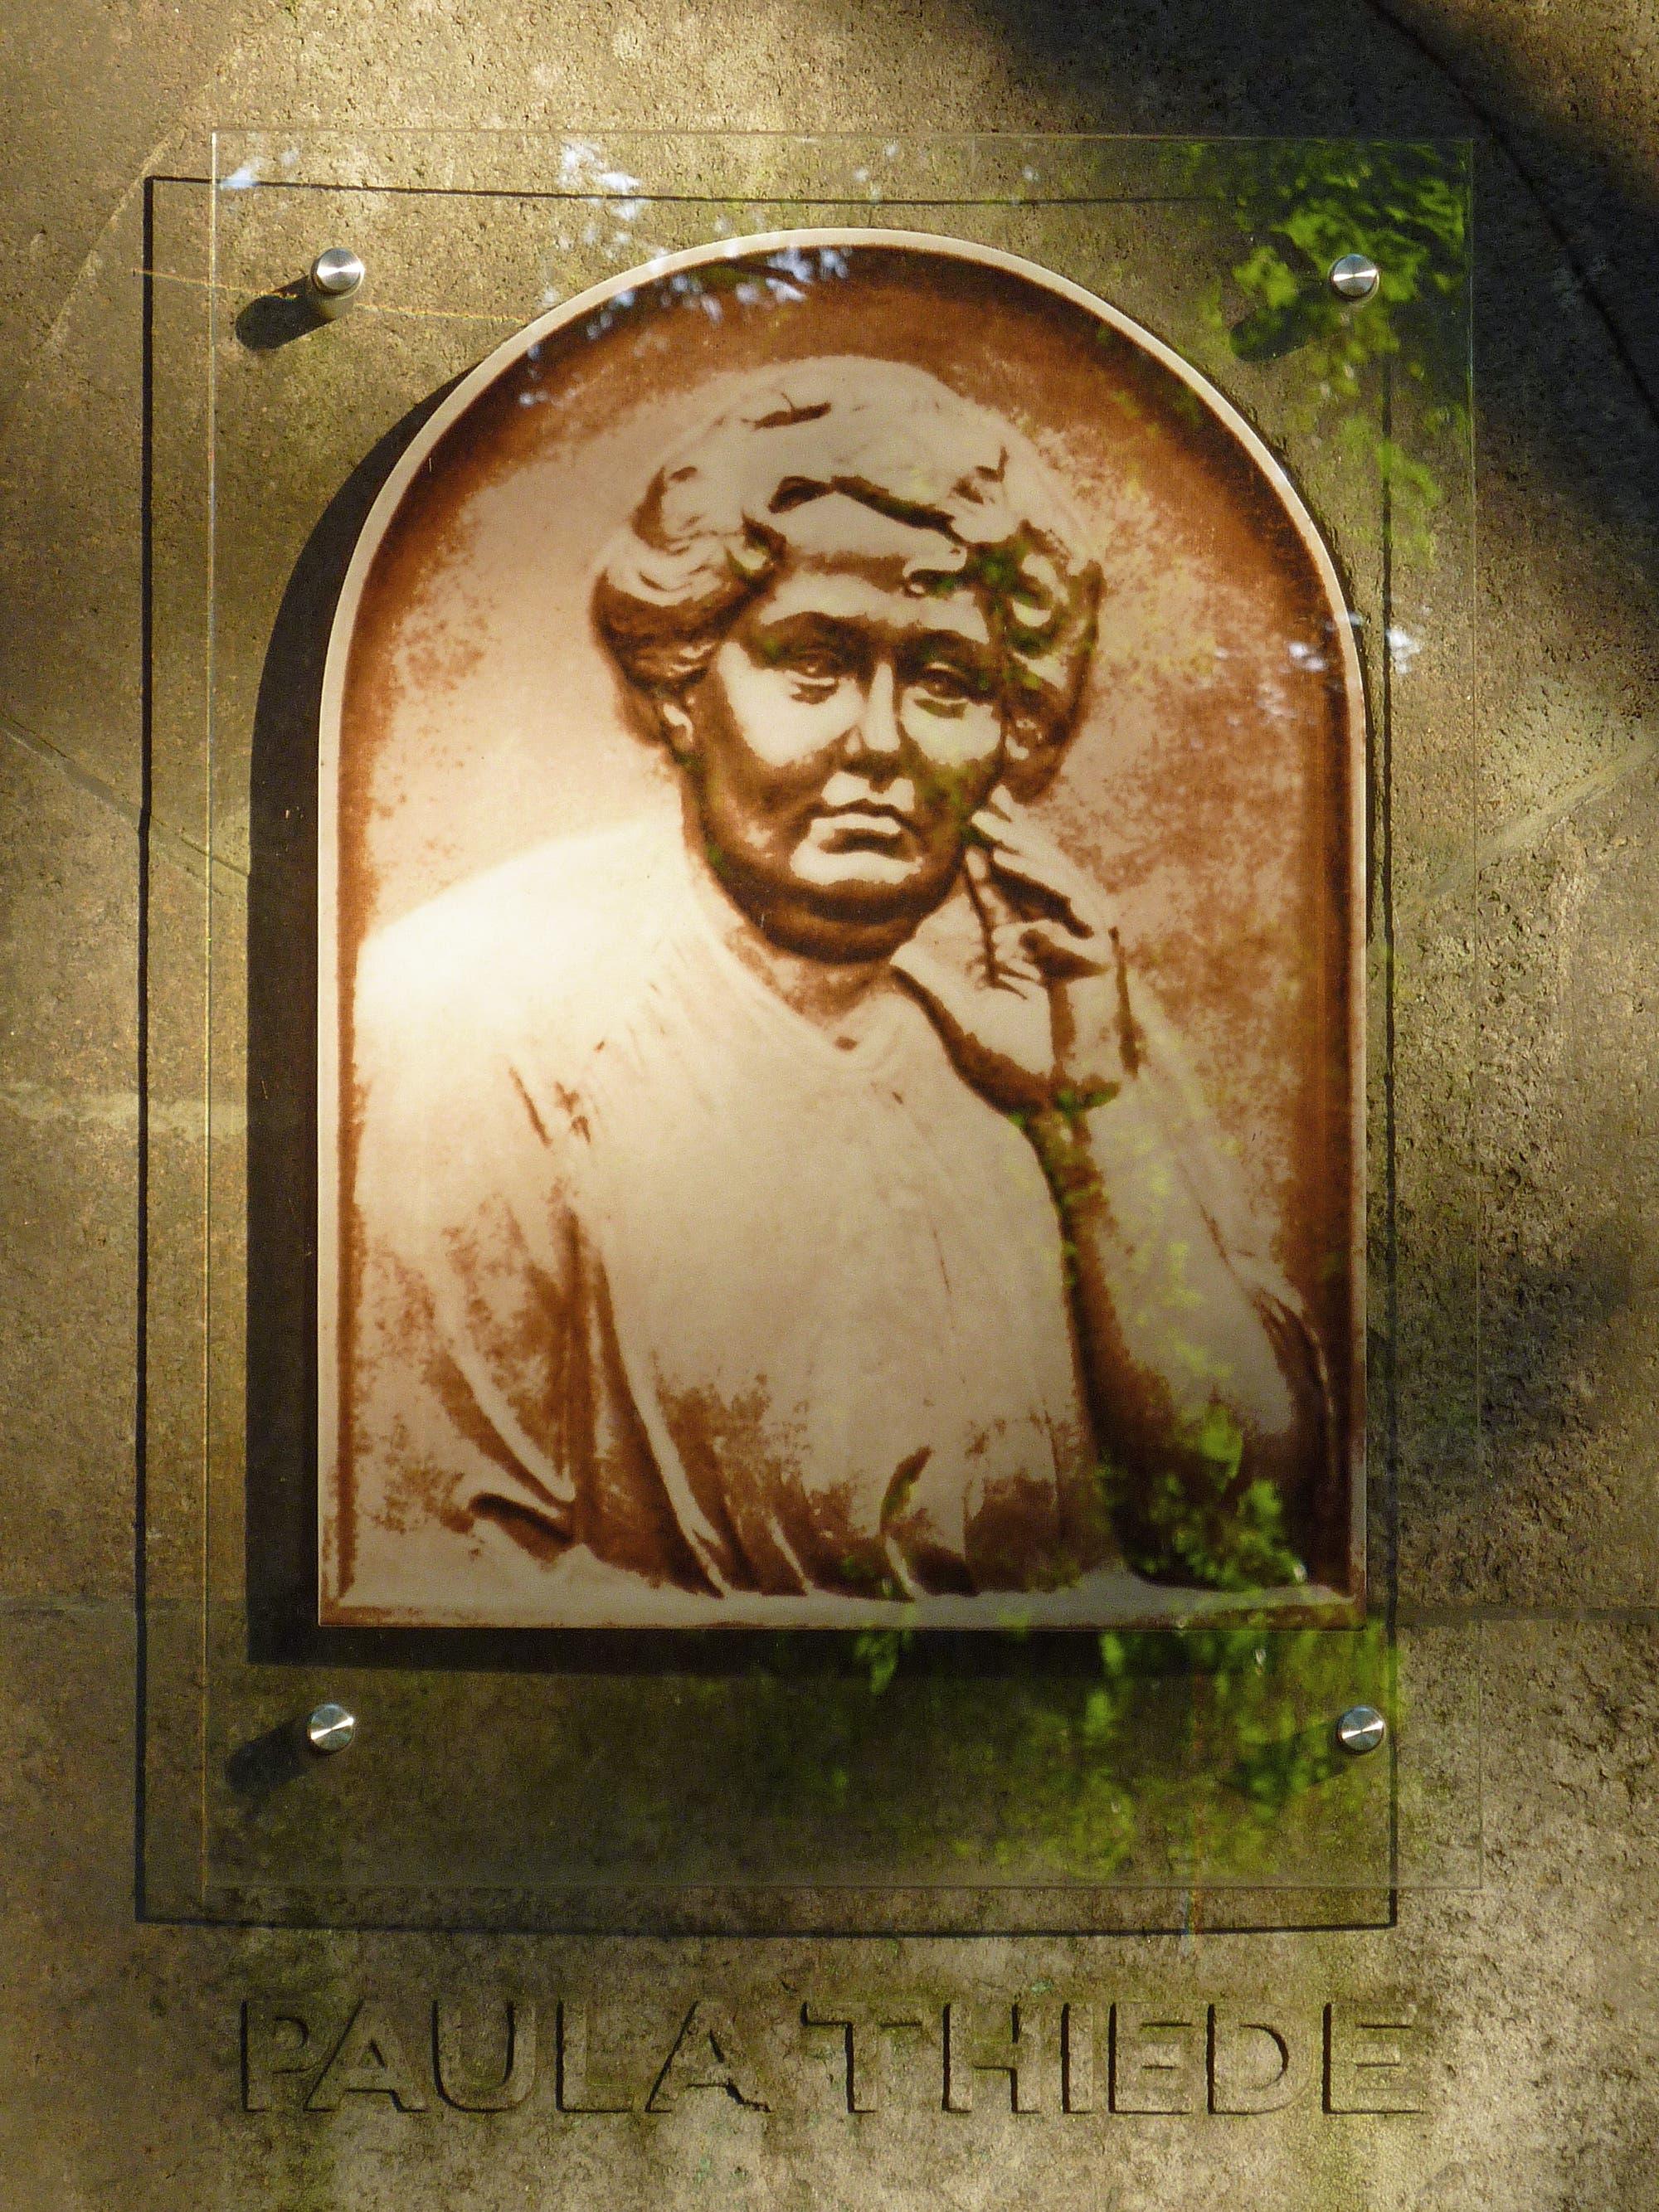 Die Gedenktafel für Paula Thiede